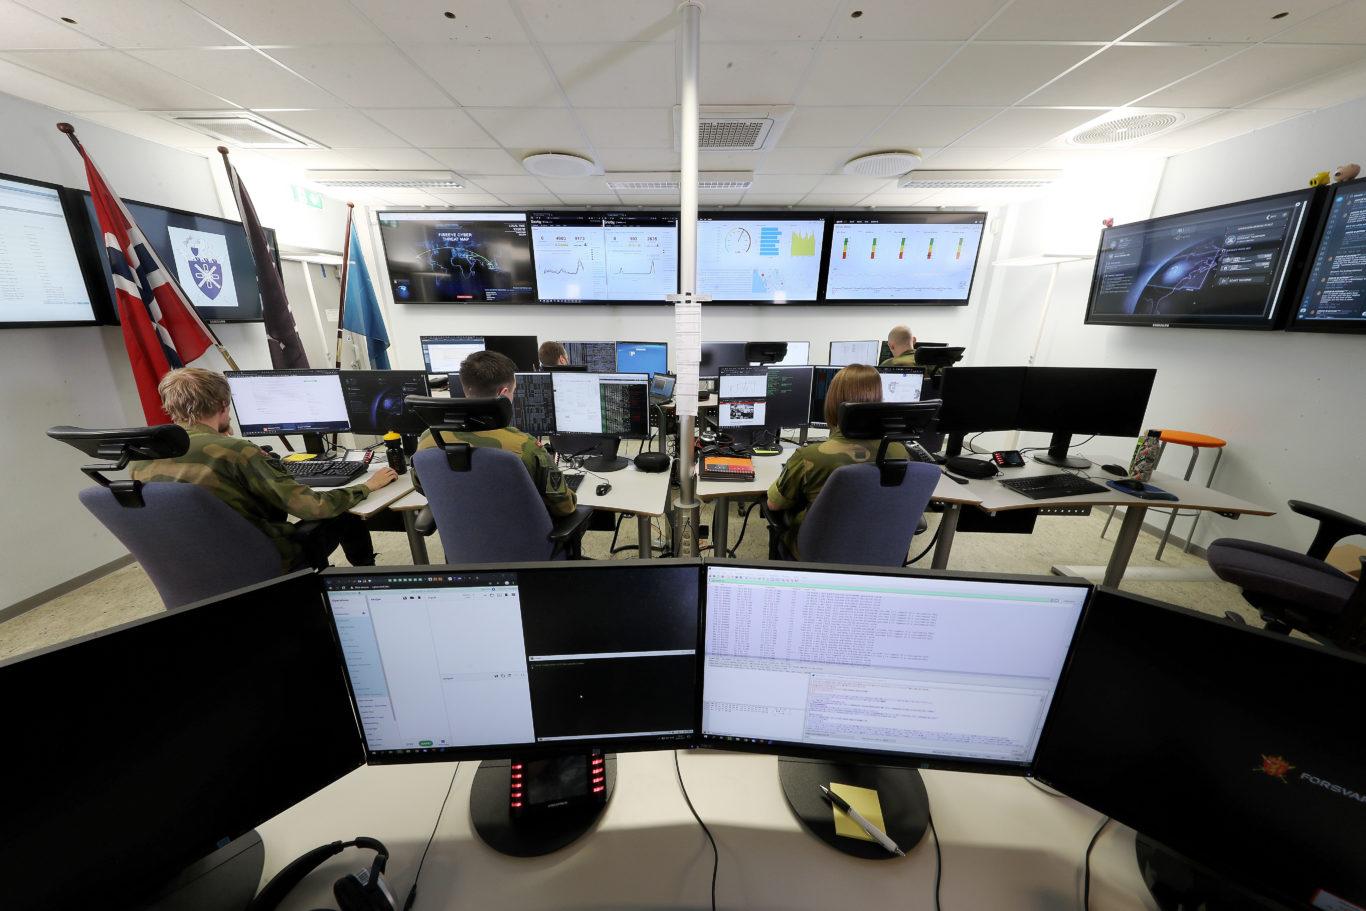 Fra Cybersikkerhetssenteret ved Cyberforsvaret på Jørstadmoen. Foto: Torbjørn Kjosvold / Forsvaret.